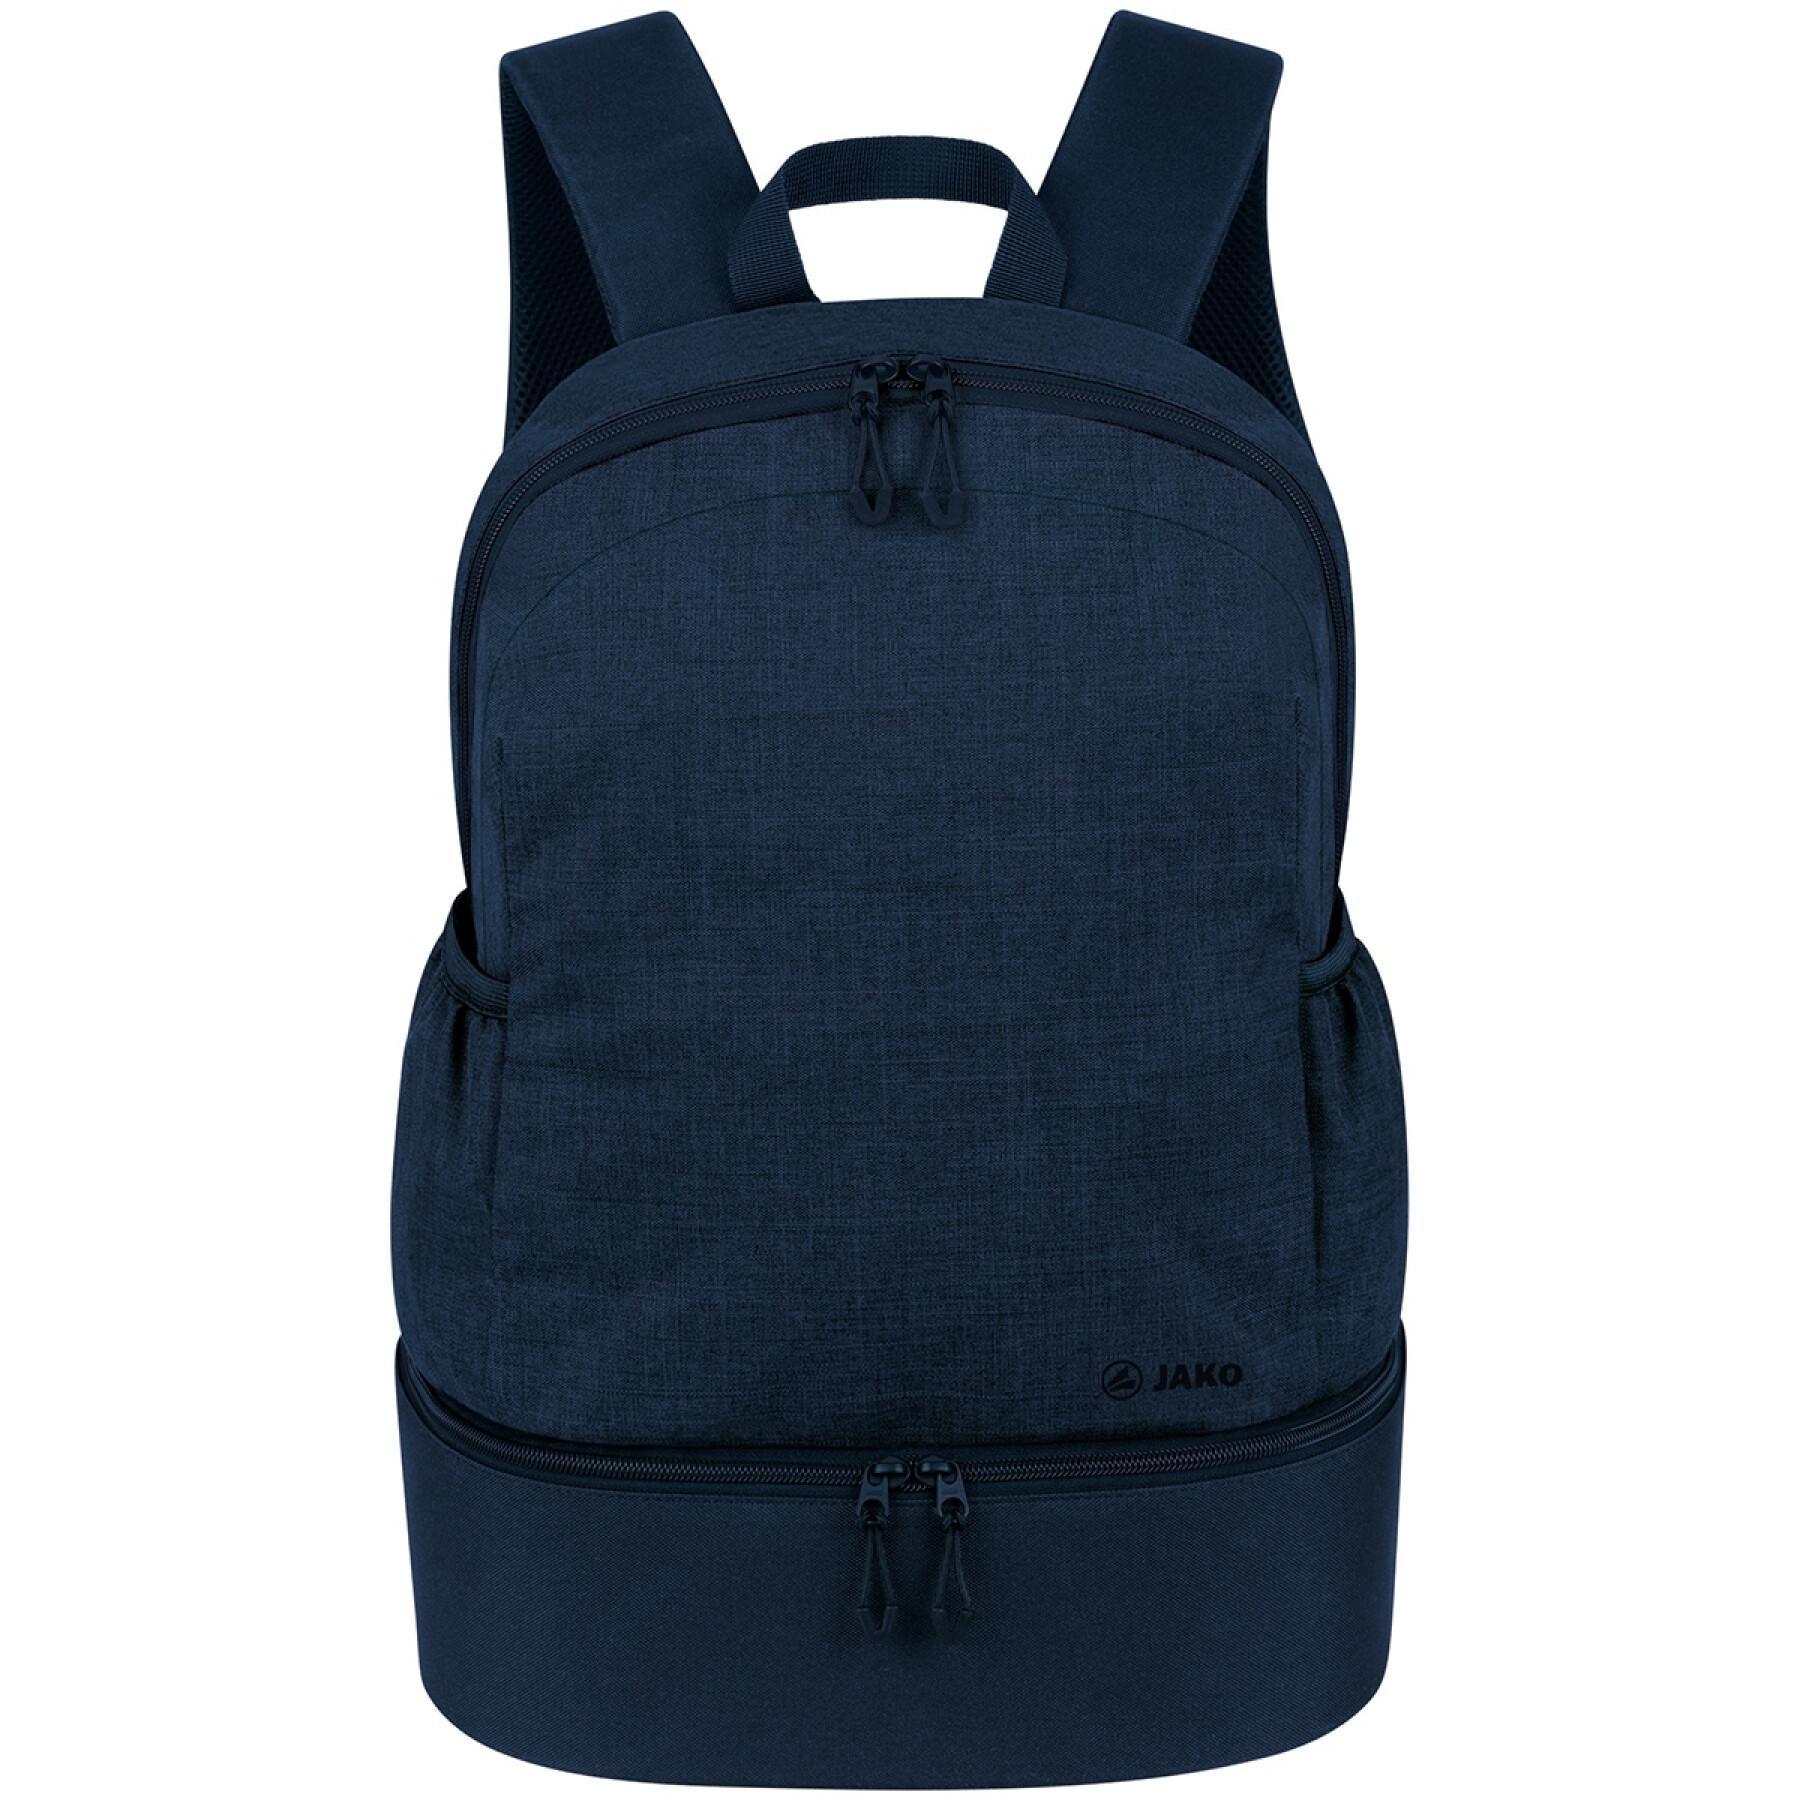 Backpack Jako challenge